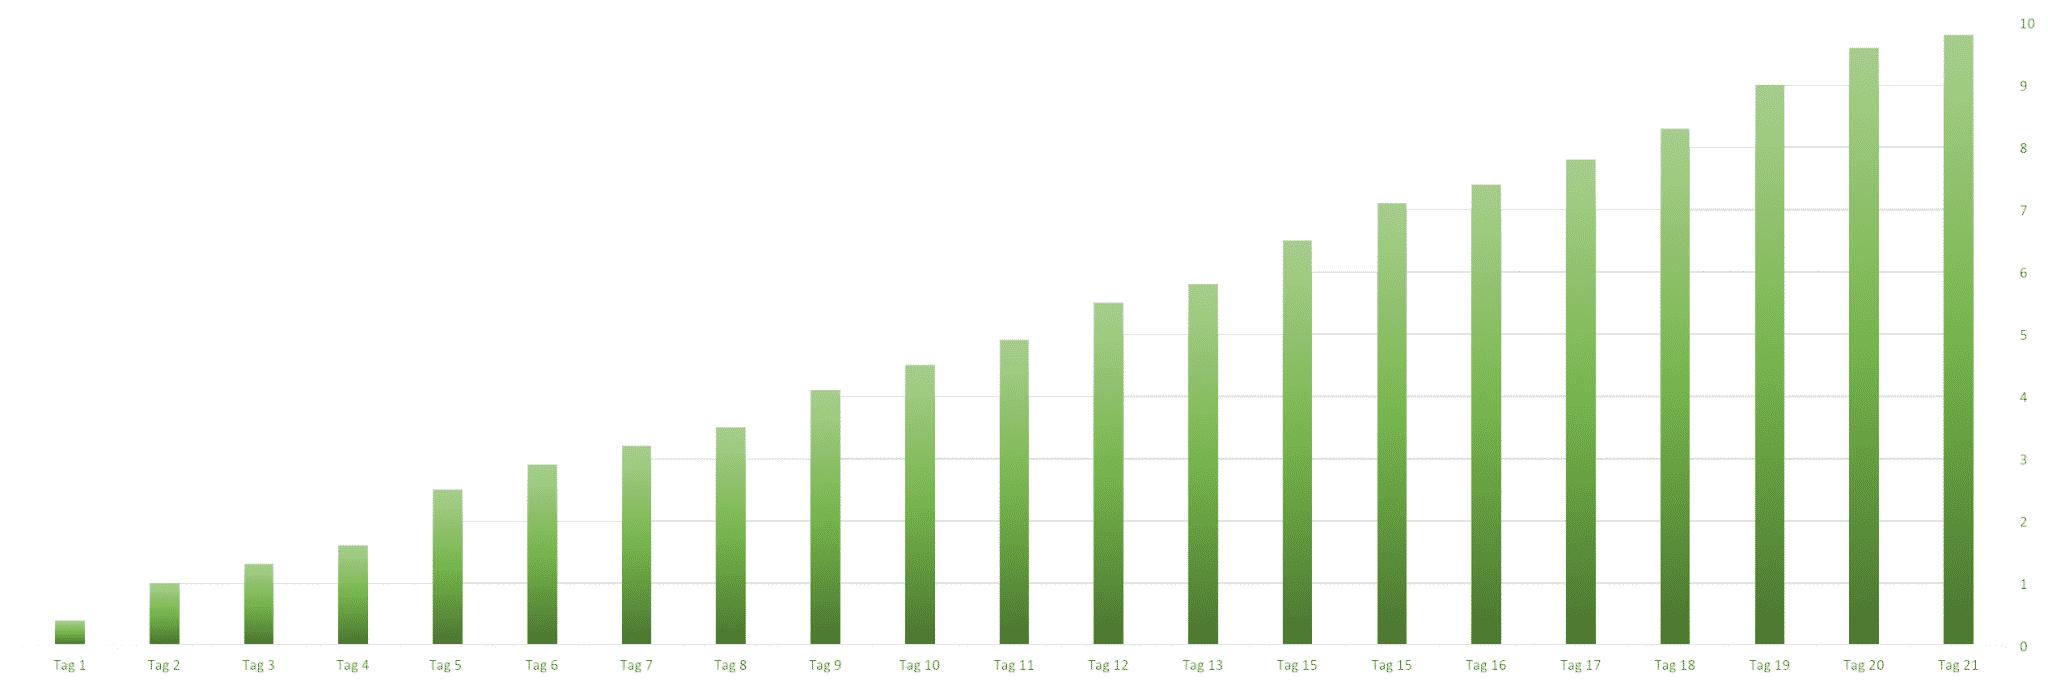 Gewichtsverlauf Abnahme 21 Tage Stoffwechselkur